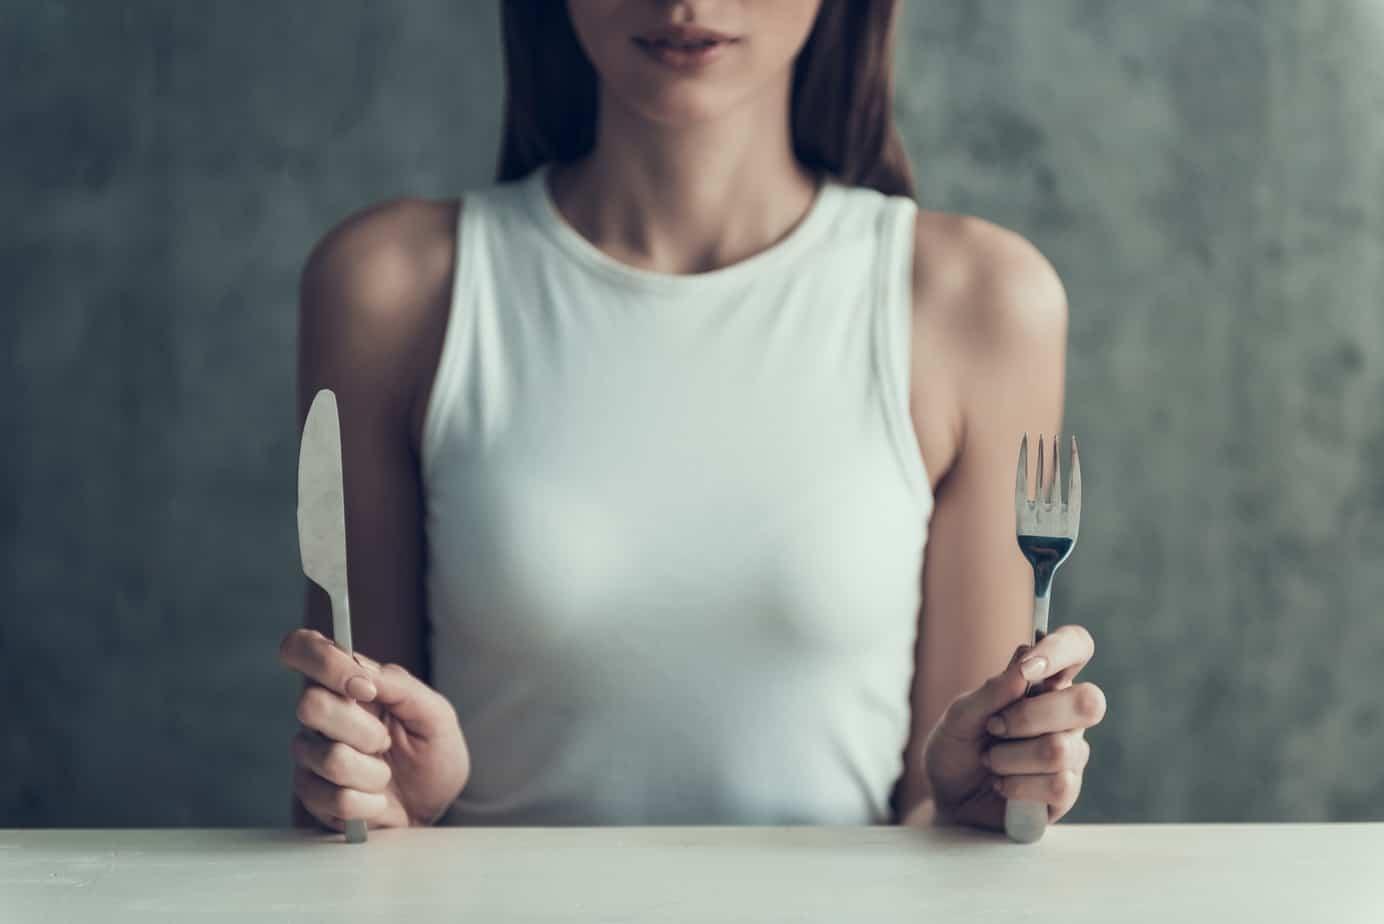 quanto peso posso perdere in 4 giorni senza mangiare